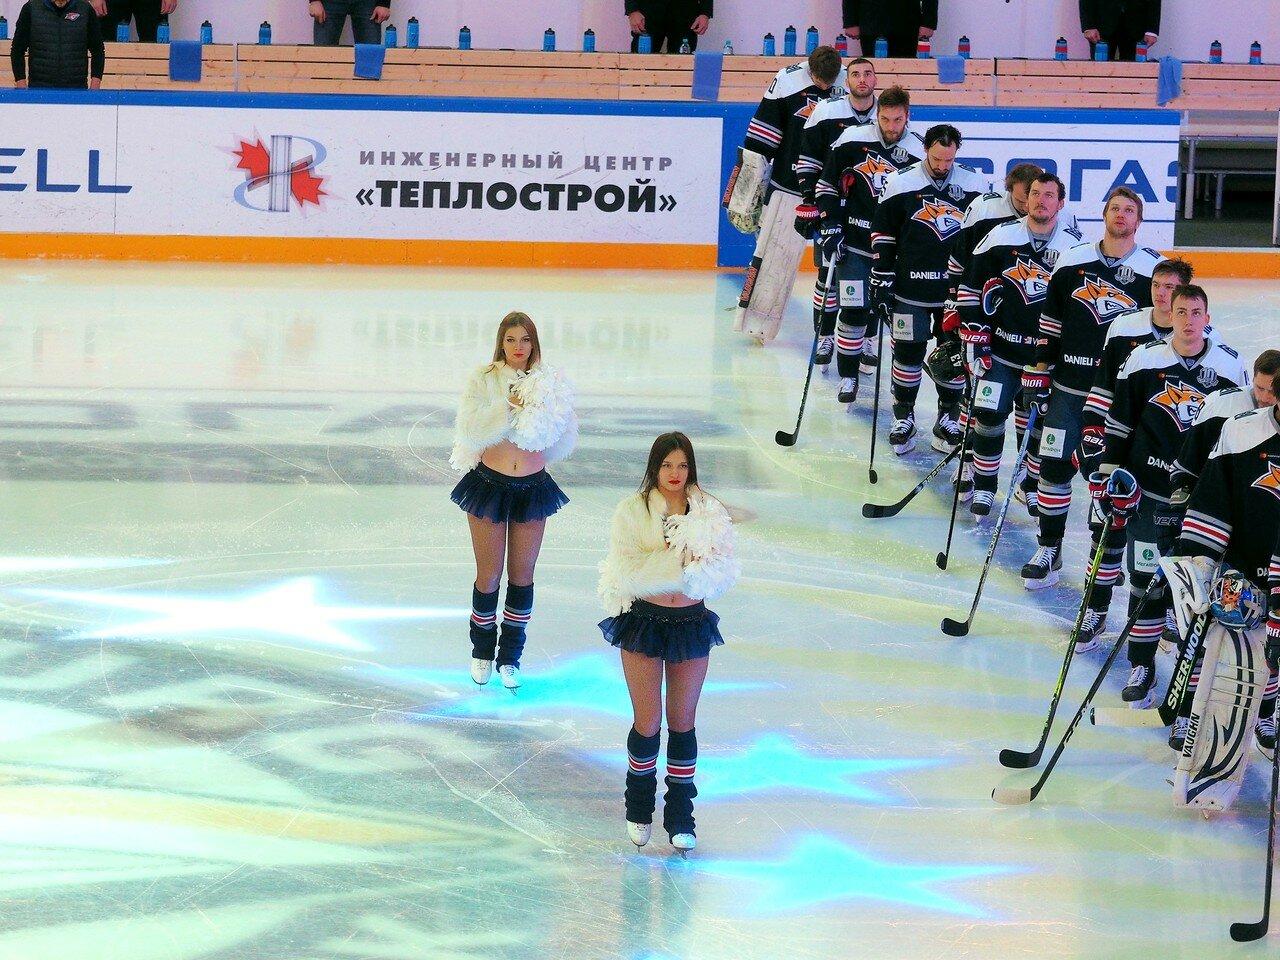 71 Металлург - ЦСКА 18.10.2017